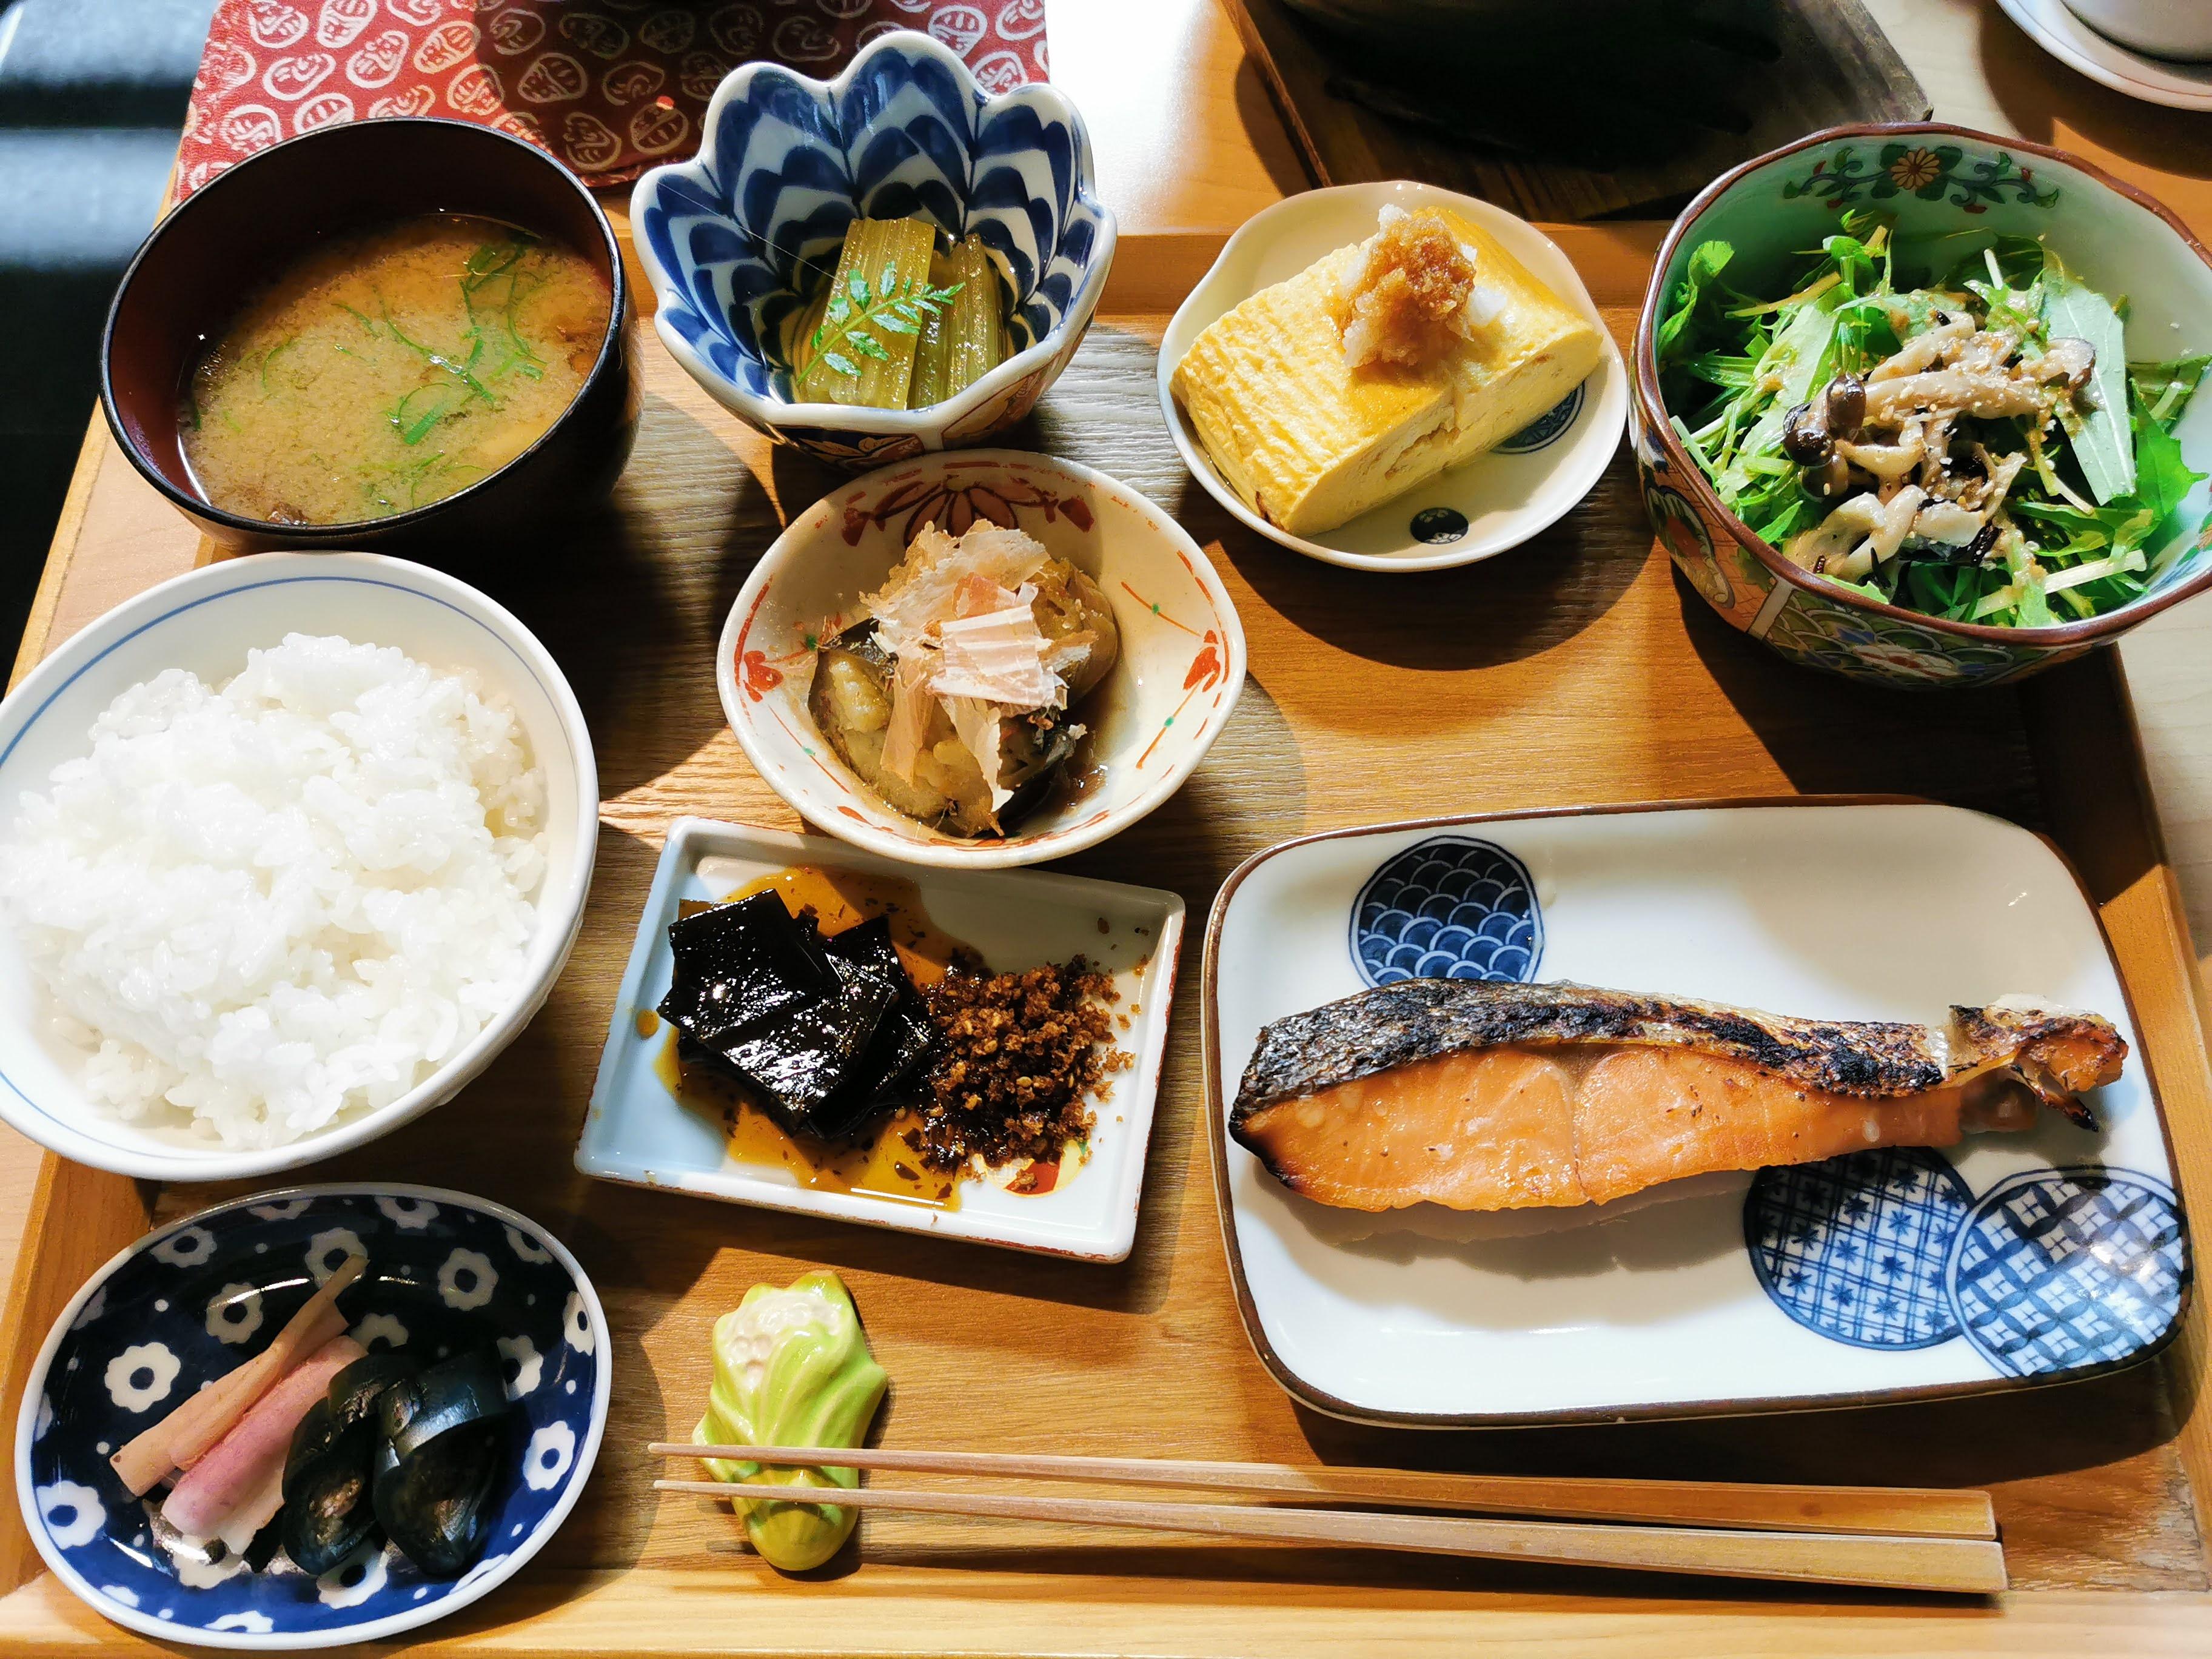 【京都・烏丸御池】旬菜 いまり@人気のおばんざい朝食で京都の朝を満喫!